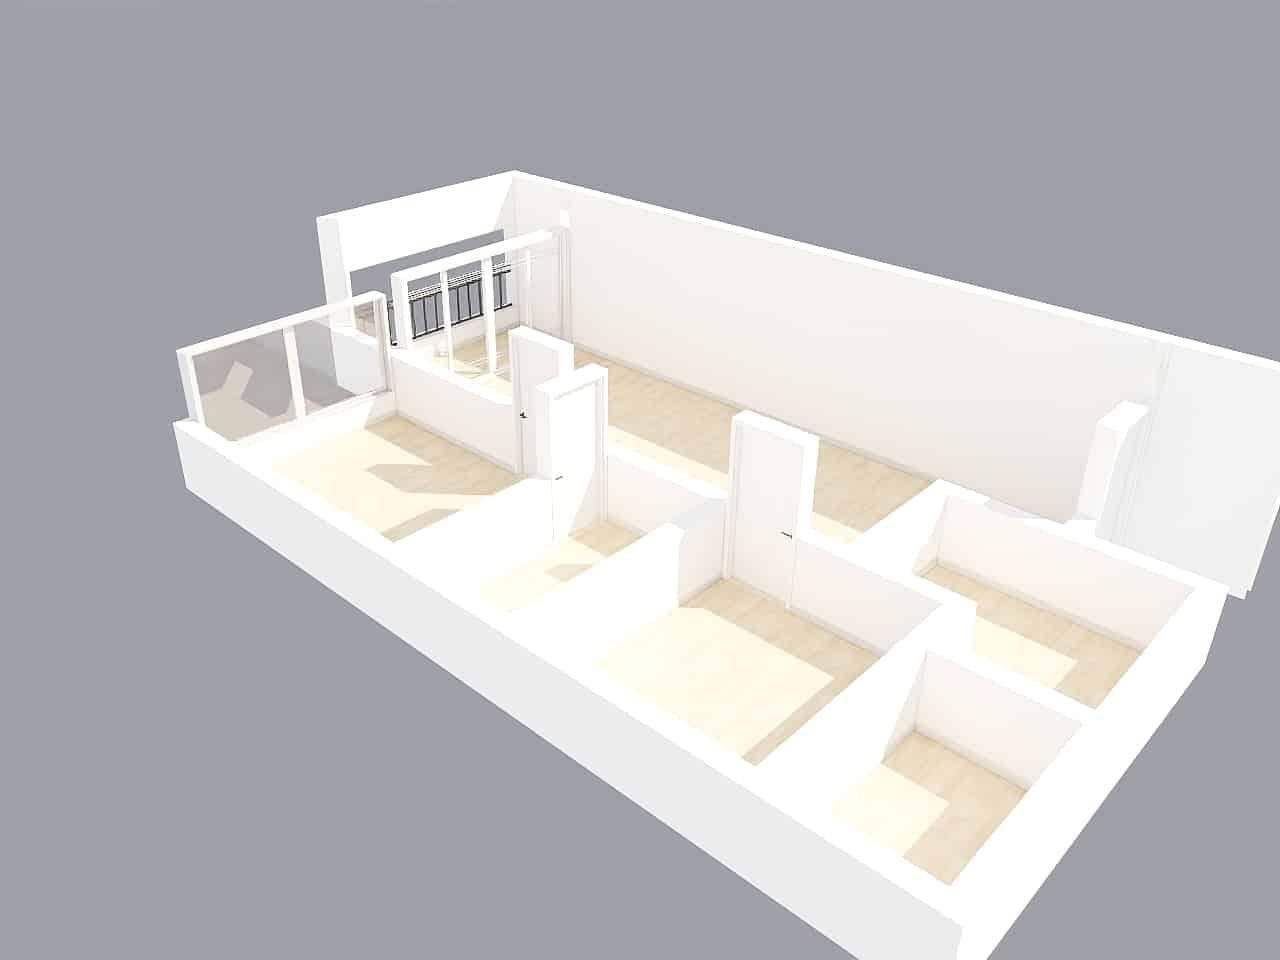 Vista aérea en 3D sin paredes sin amueblar